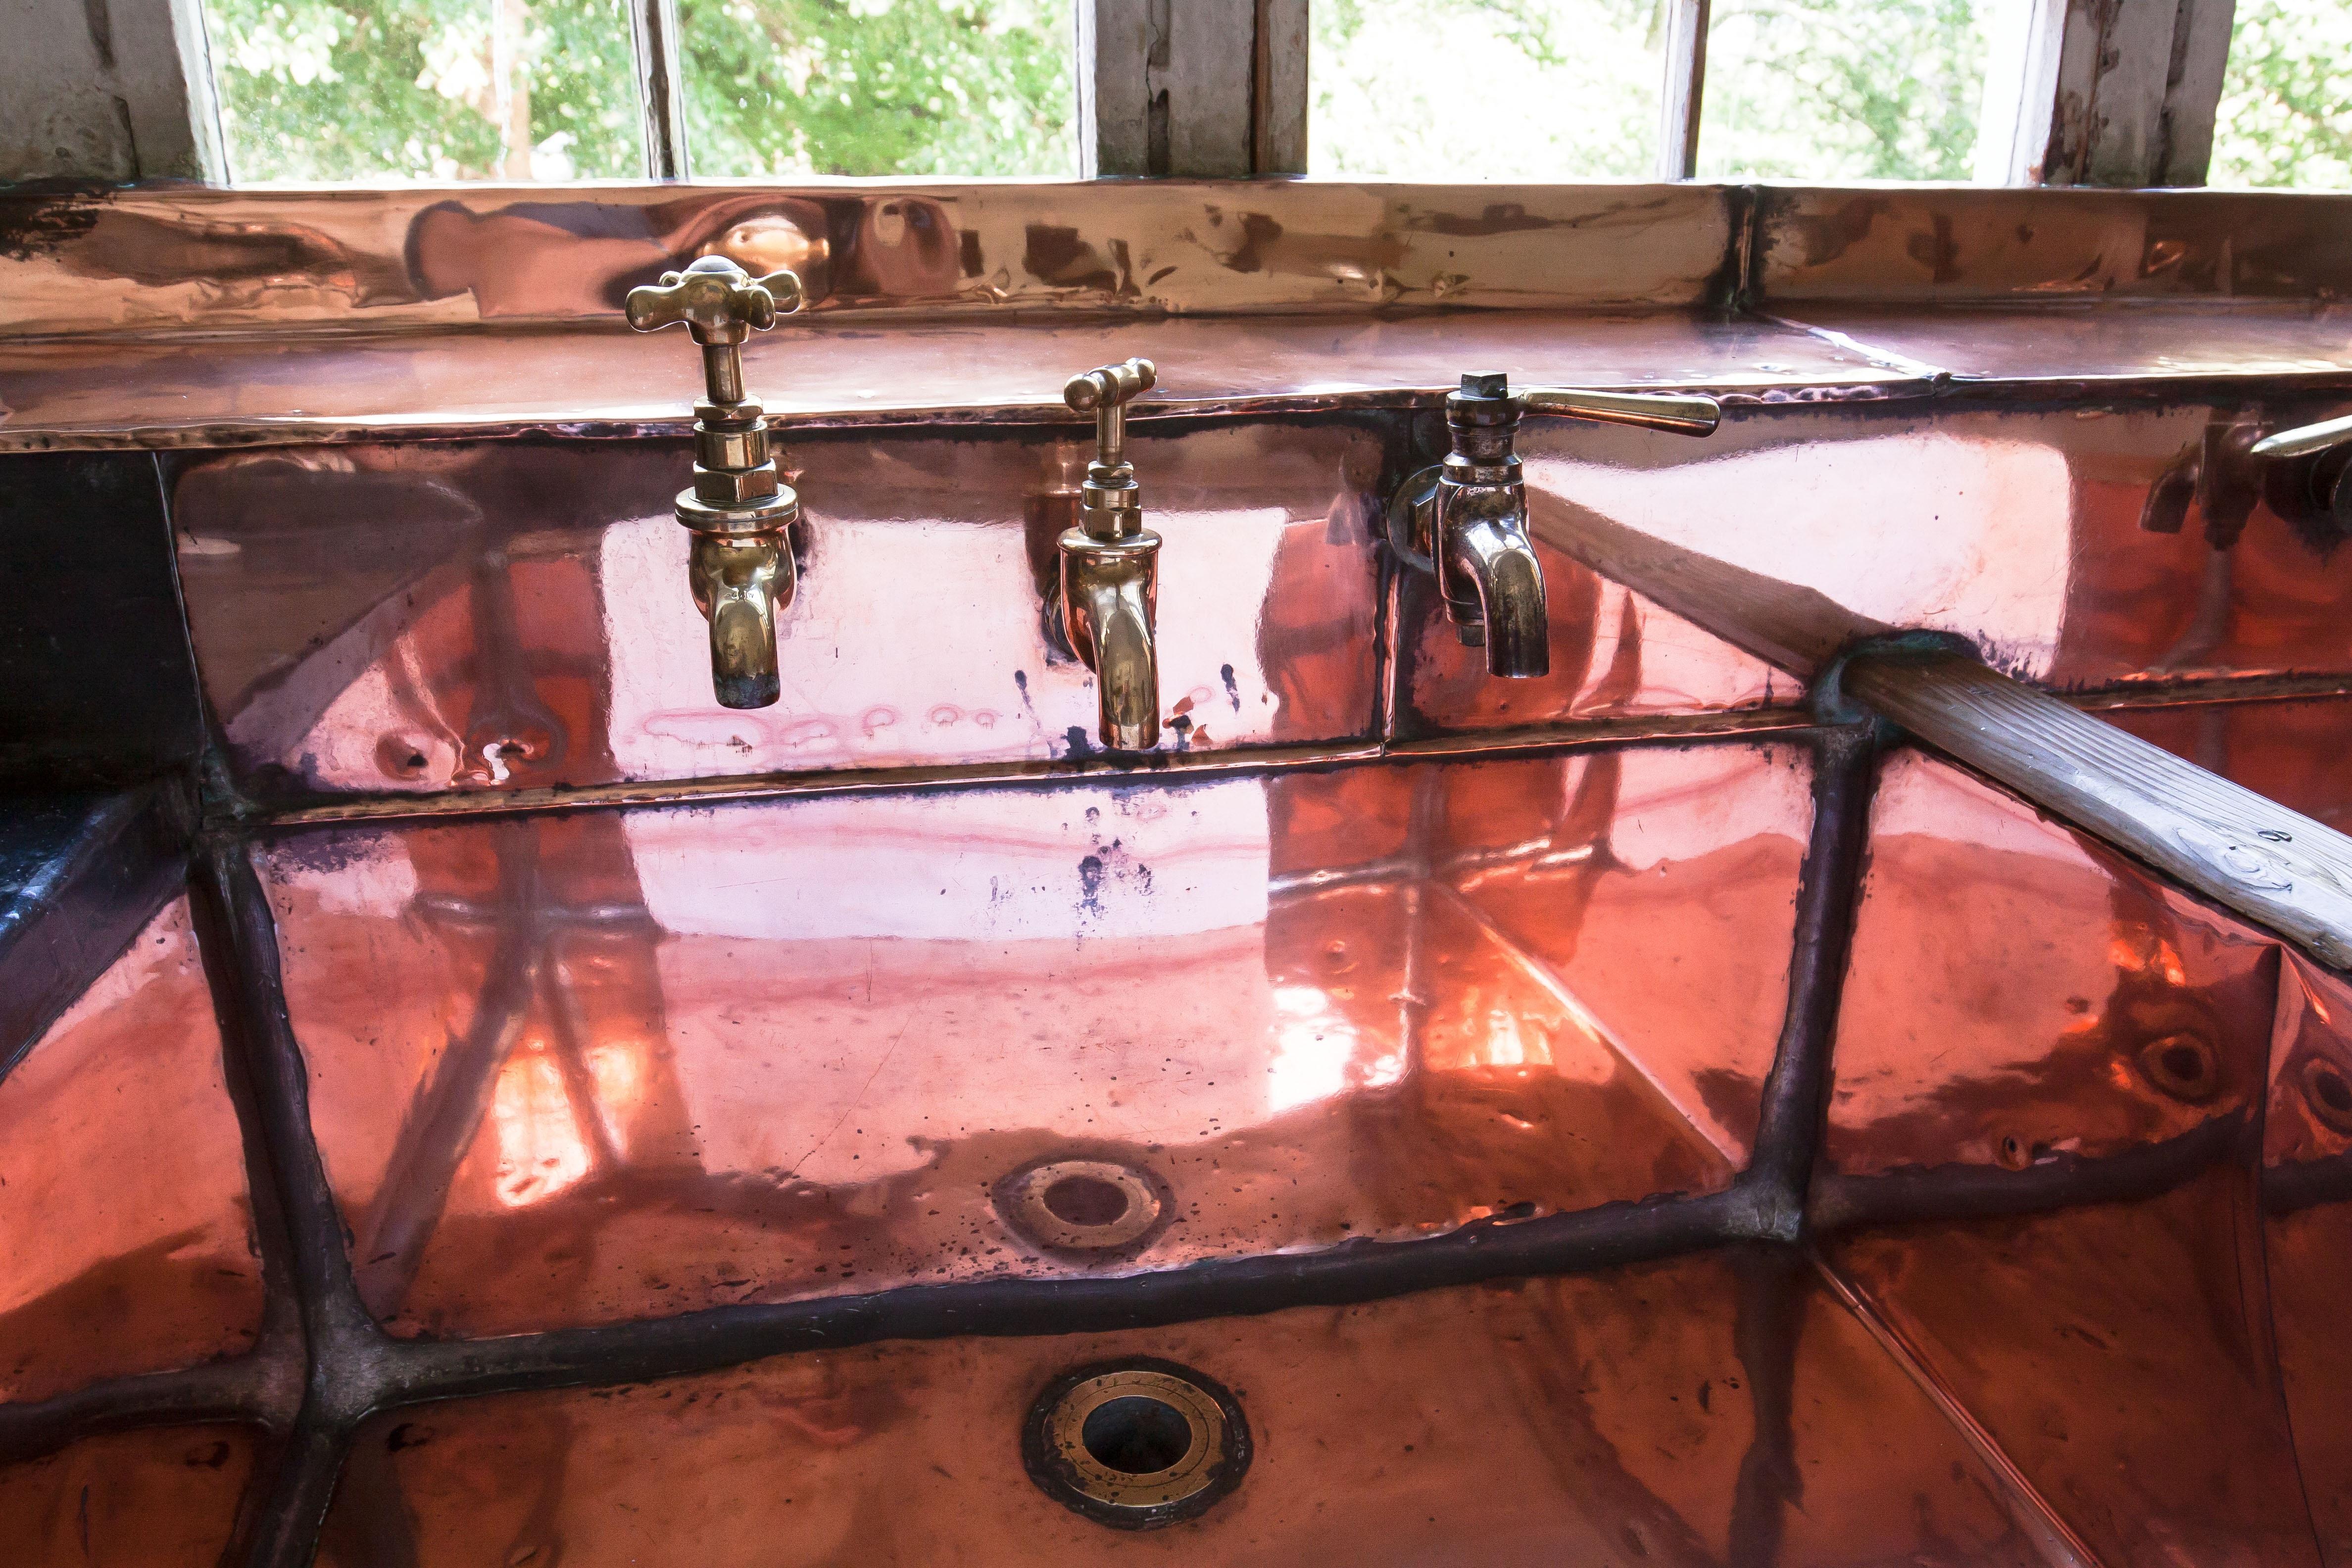 Immagini Belle : tavolo, legna, antico, finestra, bicchiere, vecchio ...